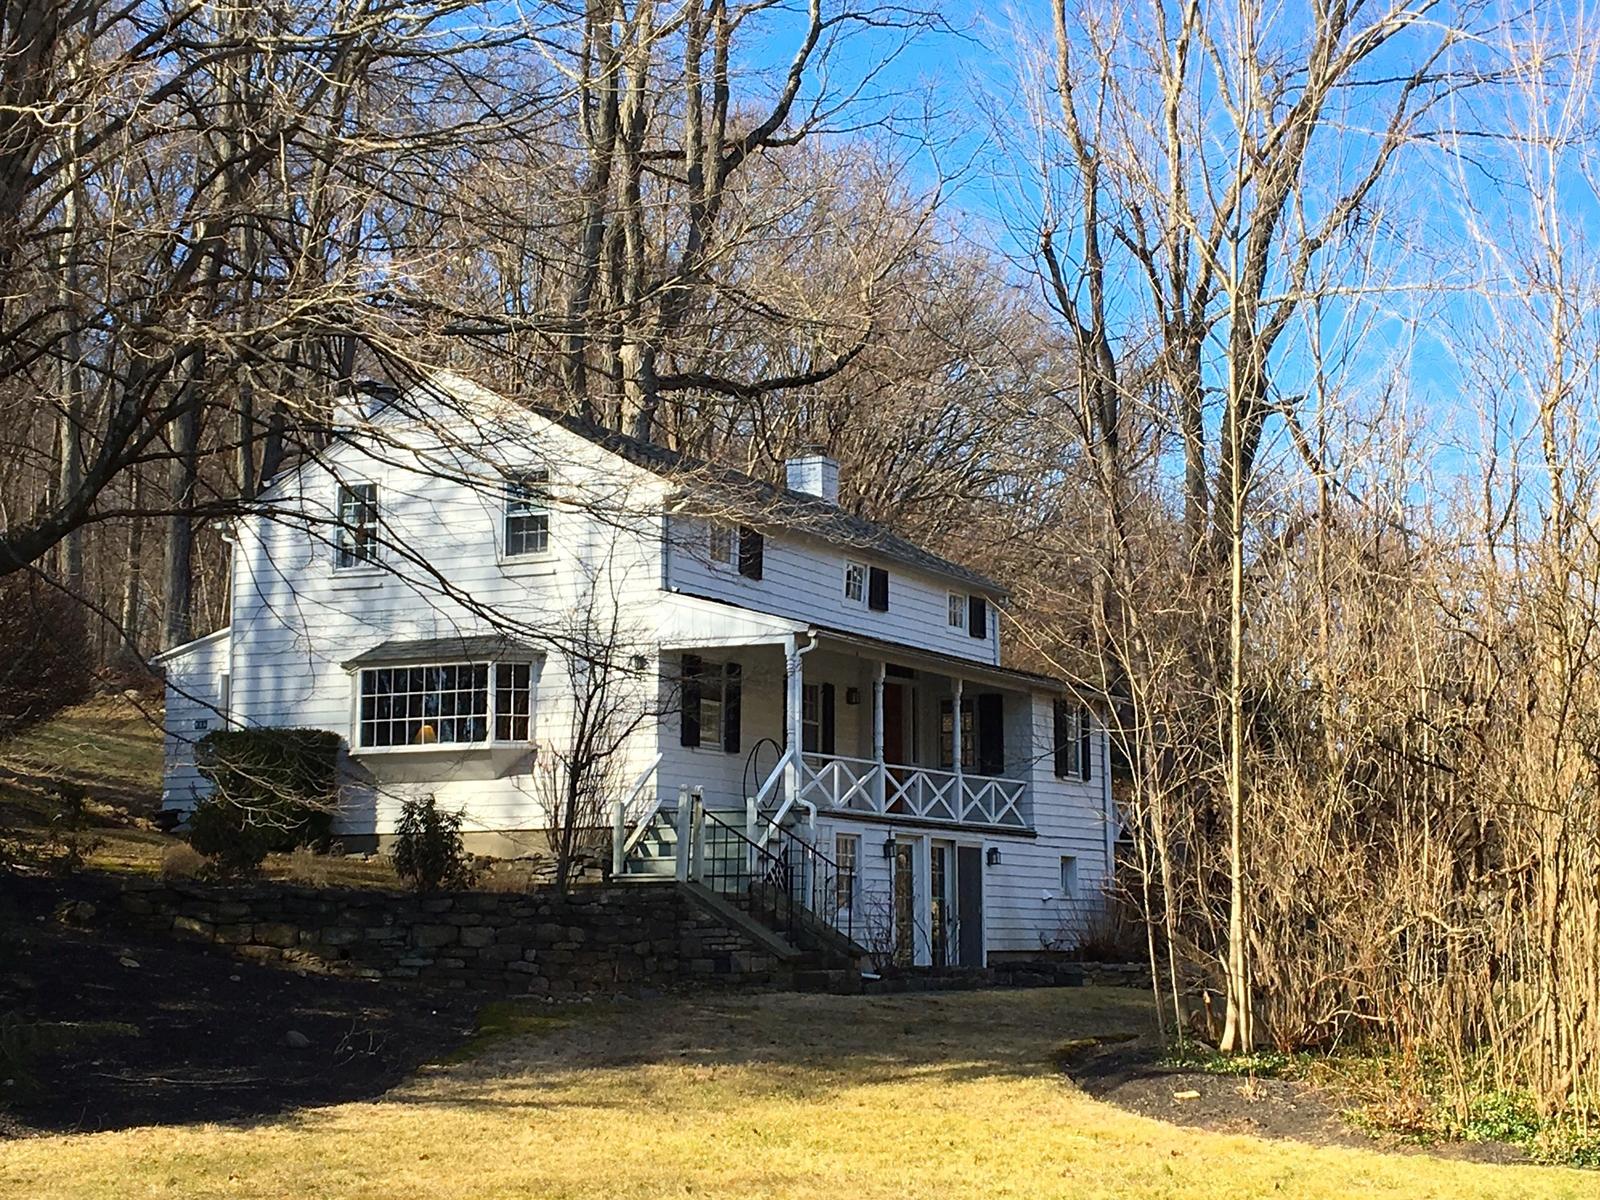 Частный односемейный дом для того Продажа на Buck House 816 South Bedford Road Bedford, Нью-Йорк, 10506 Соединенные Штаты